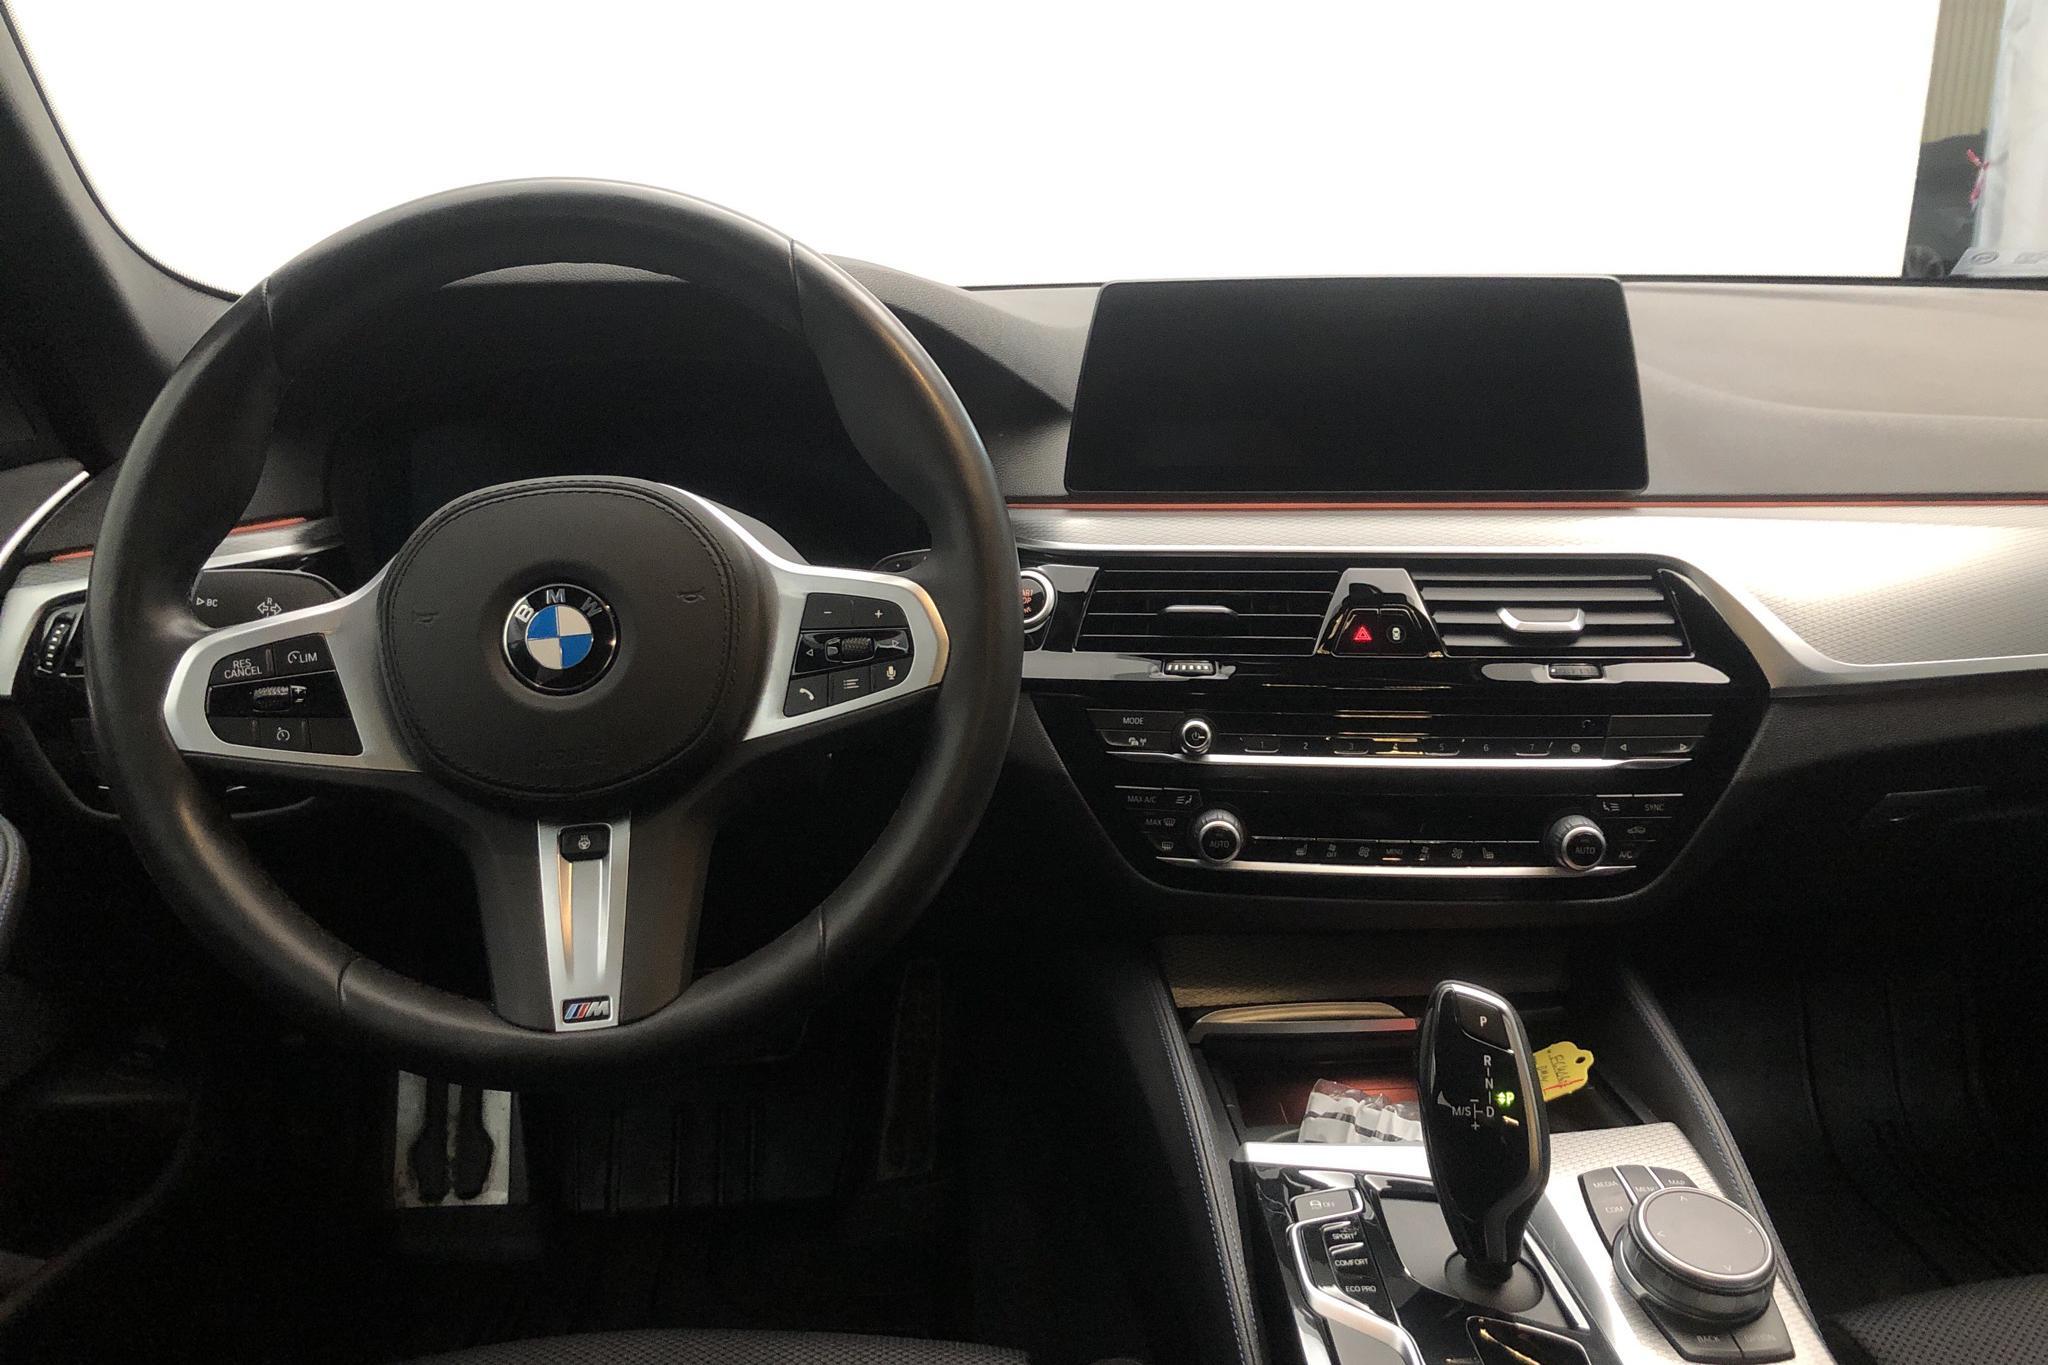 BMW 520d xDrive Touring MHEV, G31 (190hk) - 35 900 km - Automatic - black - 2020